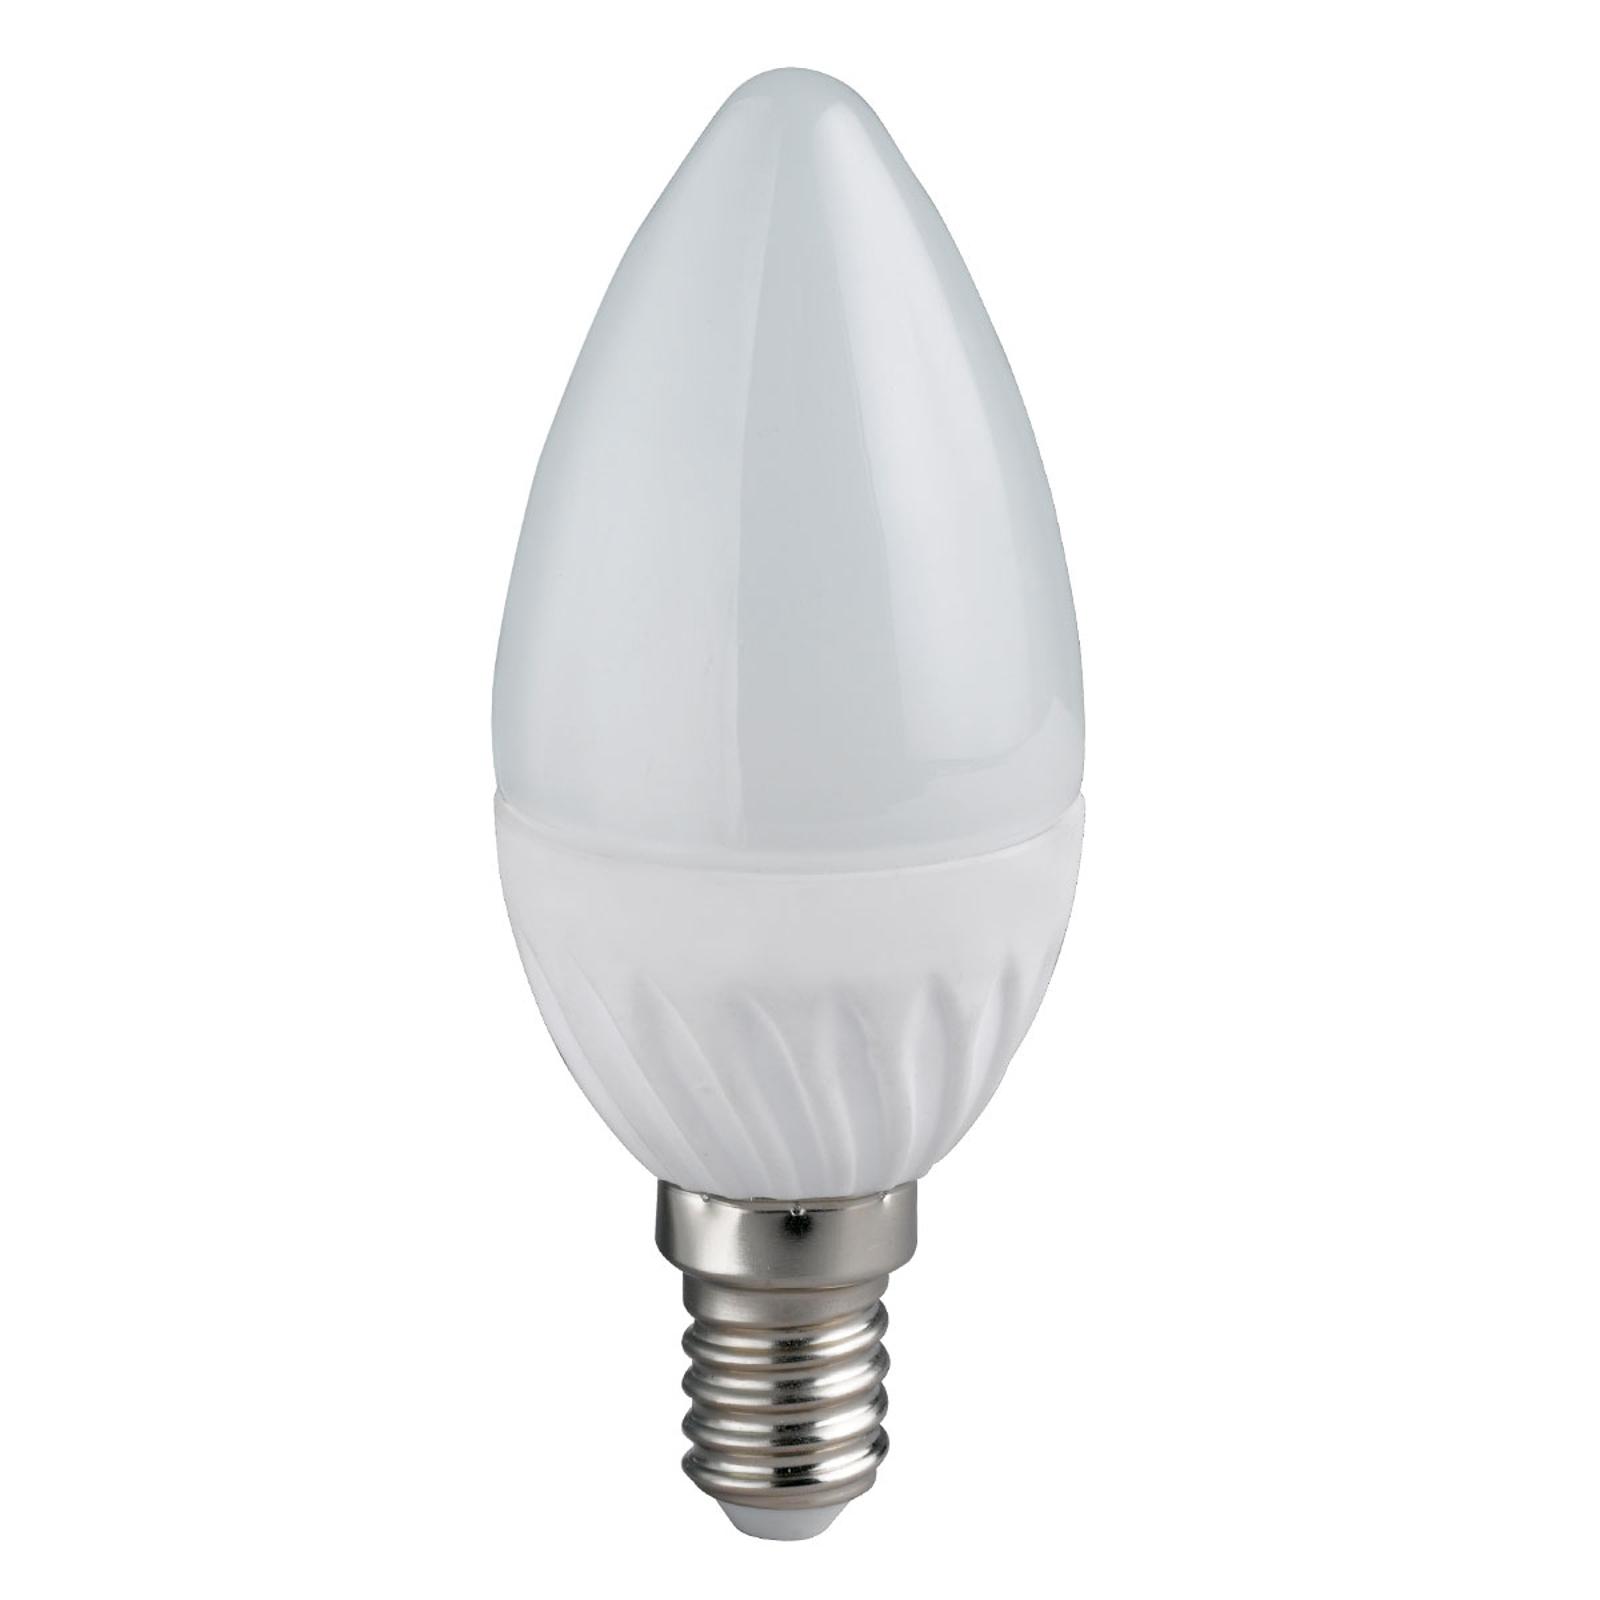 Żarówka świeczka LED E14 5W, ciepła biel